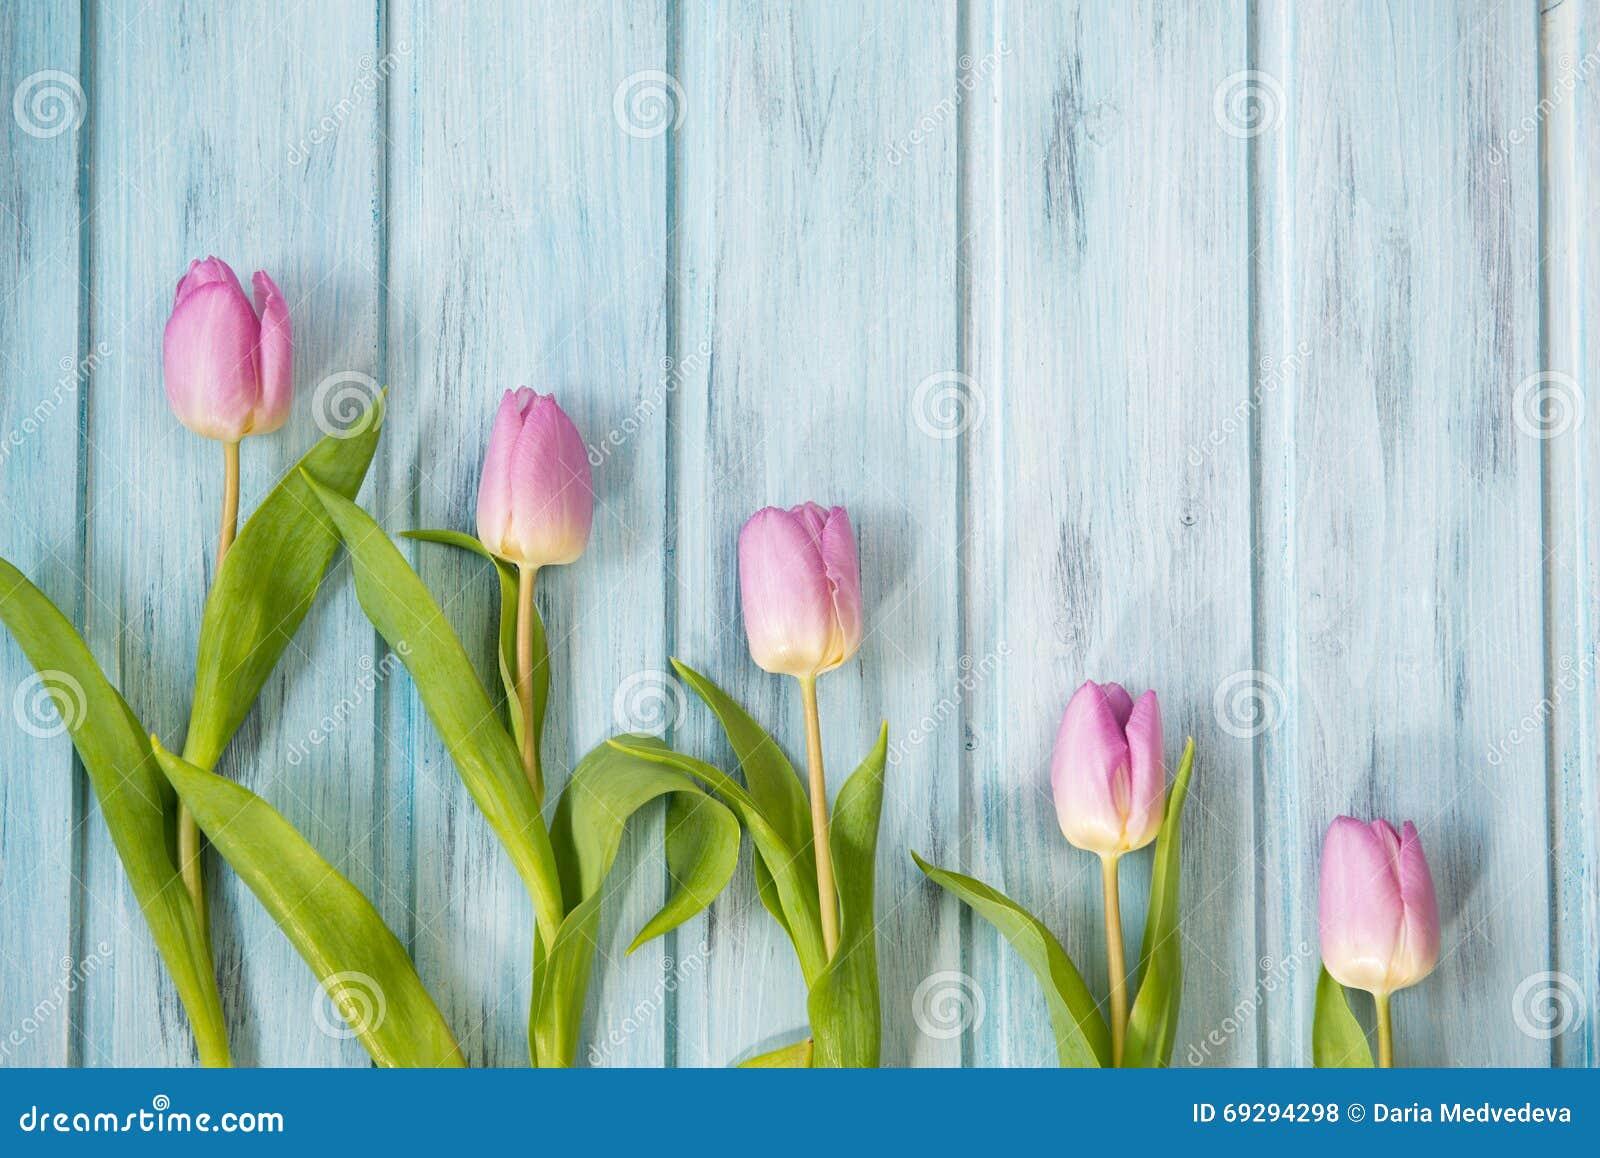 Строка ярких розовых тюльпанов на голубой деревянной предпосылке, взгляд сверху